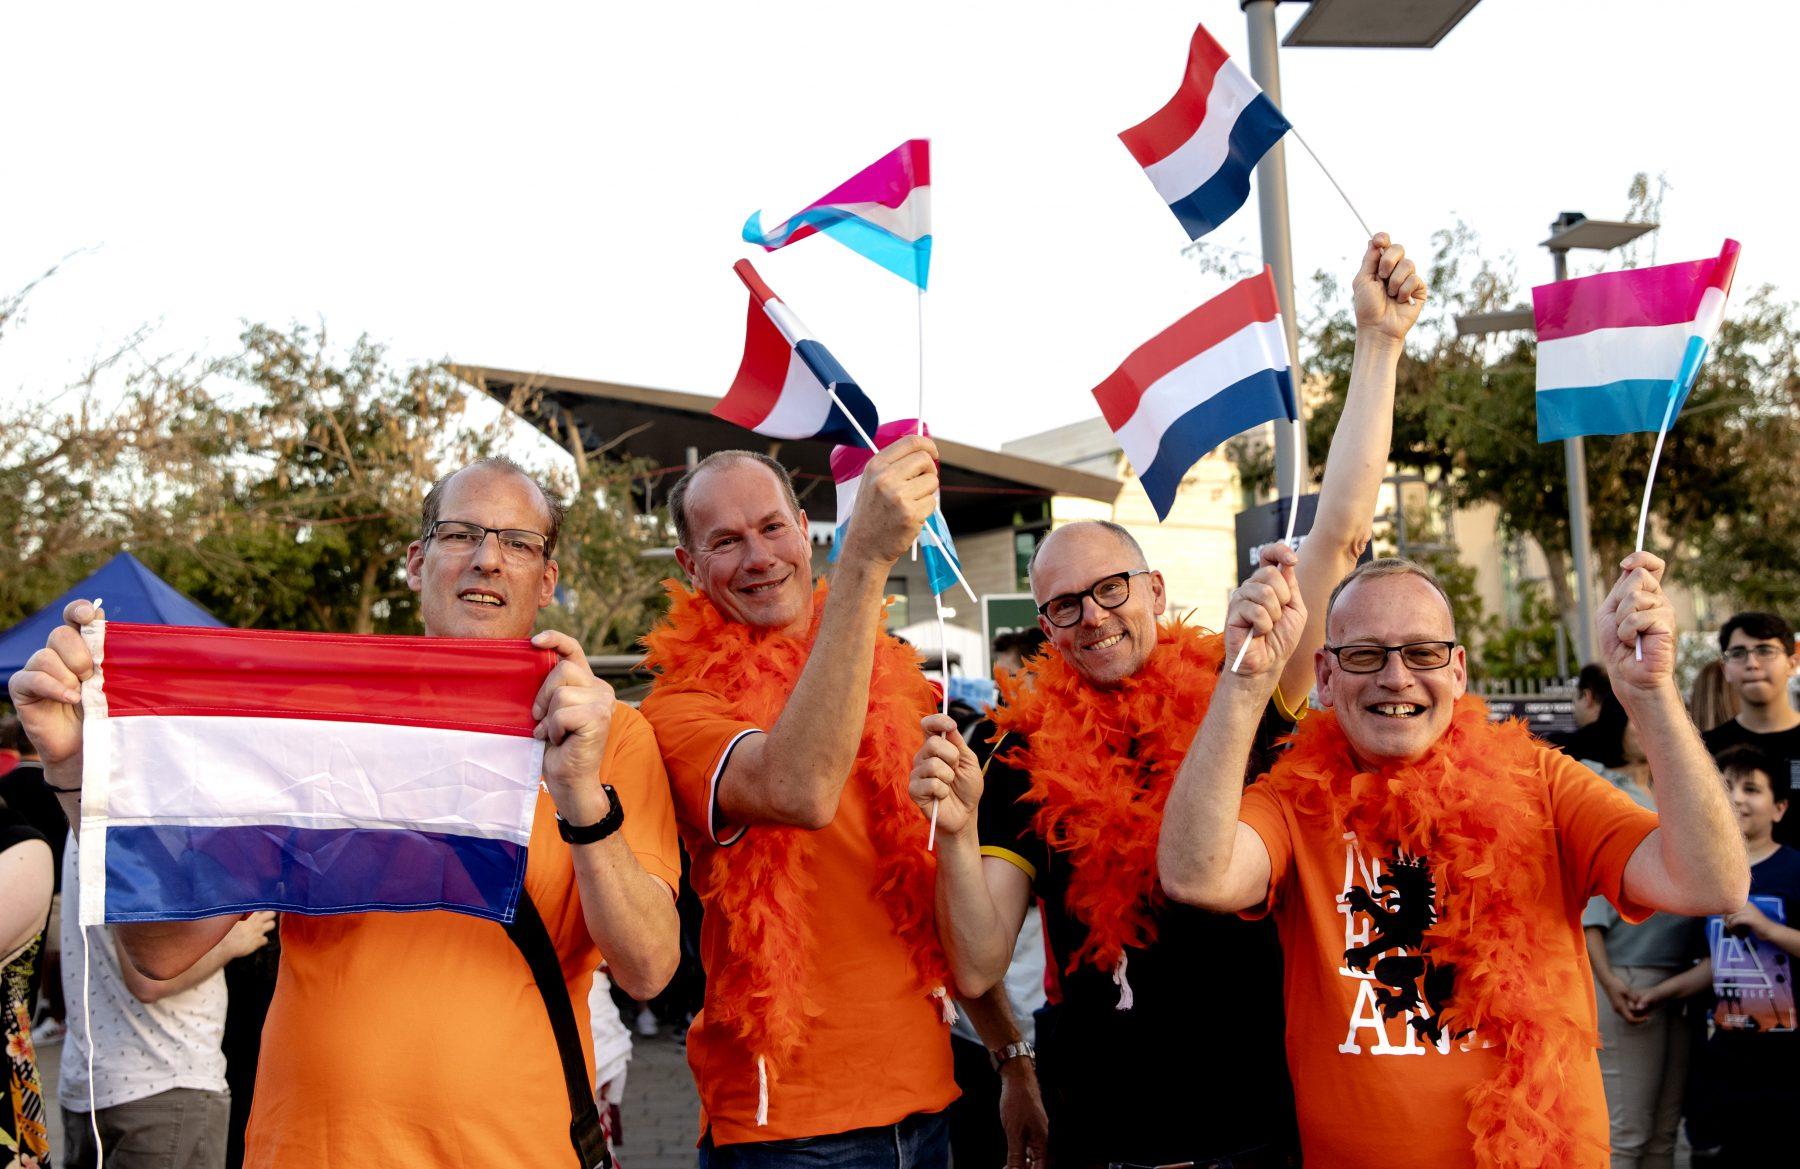 songfestival-nederland-steden